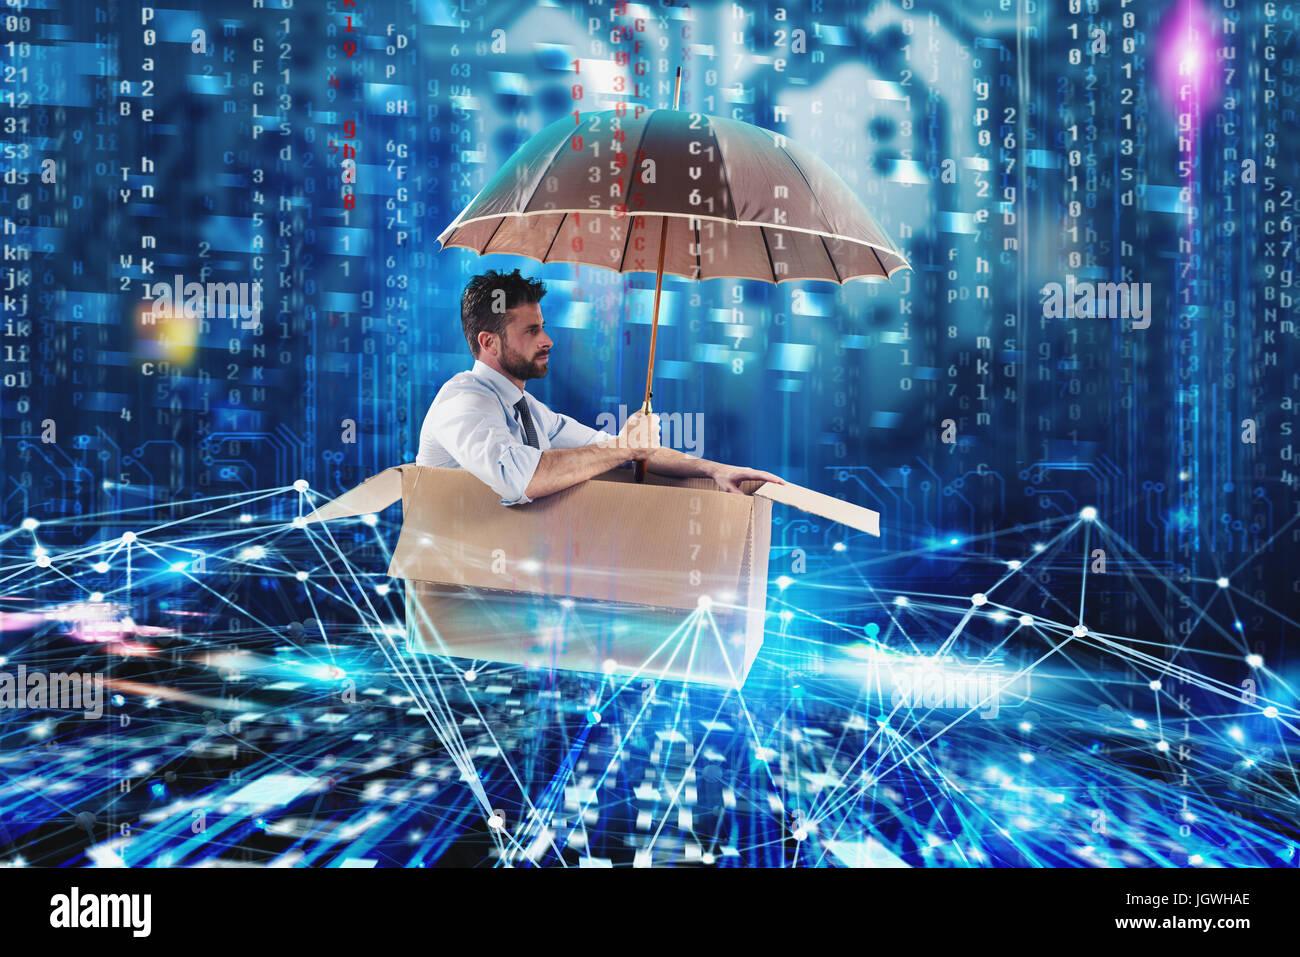 Businessman surfer sur l'internet sur un carton. Concept d'exploration de l'Internet Photo Stock